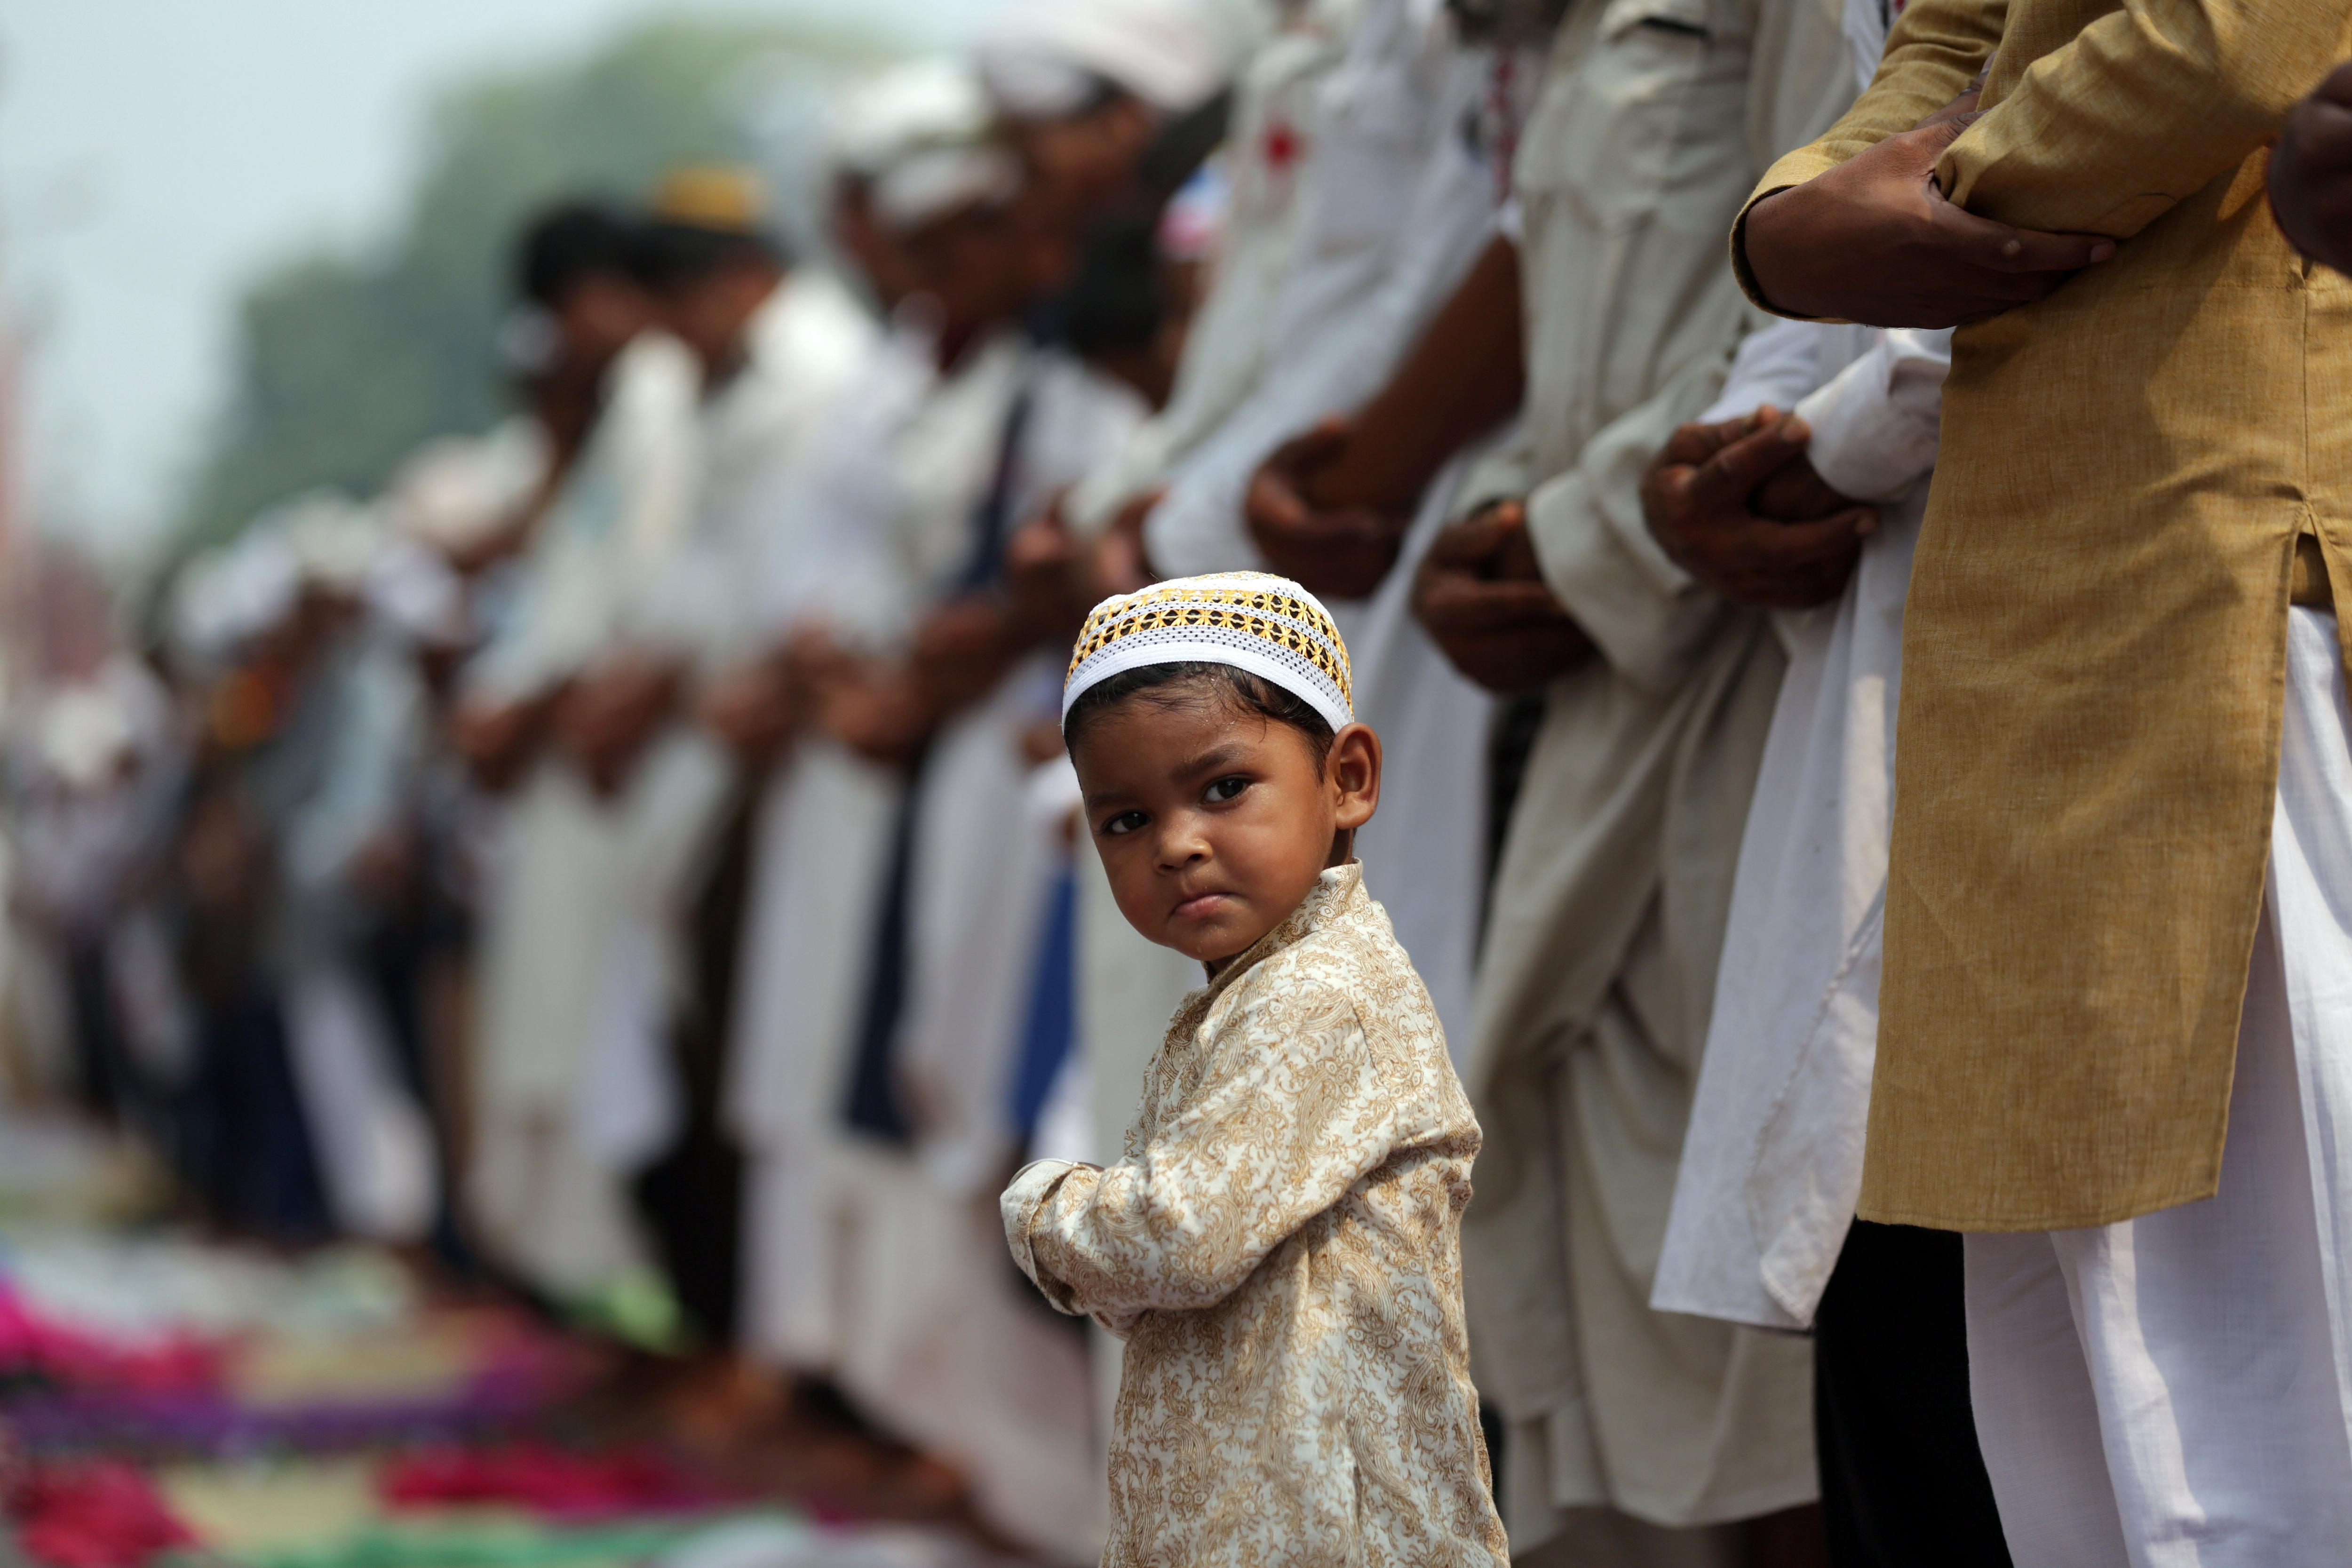 Un nin musulmà mira a càmera mentre els devots musulmans ofereixen oracions fora de la mesquita Khairudin, a Amritsar (Índia). /RAMINDER PAL SINGH